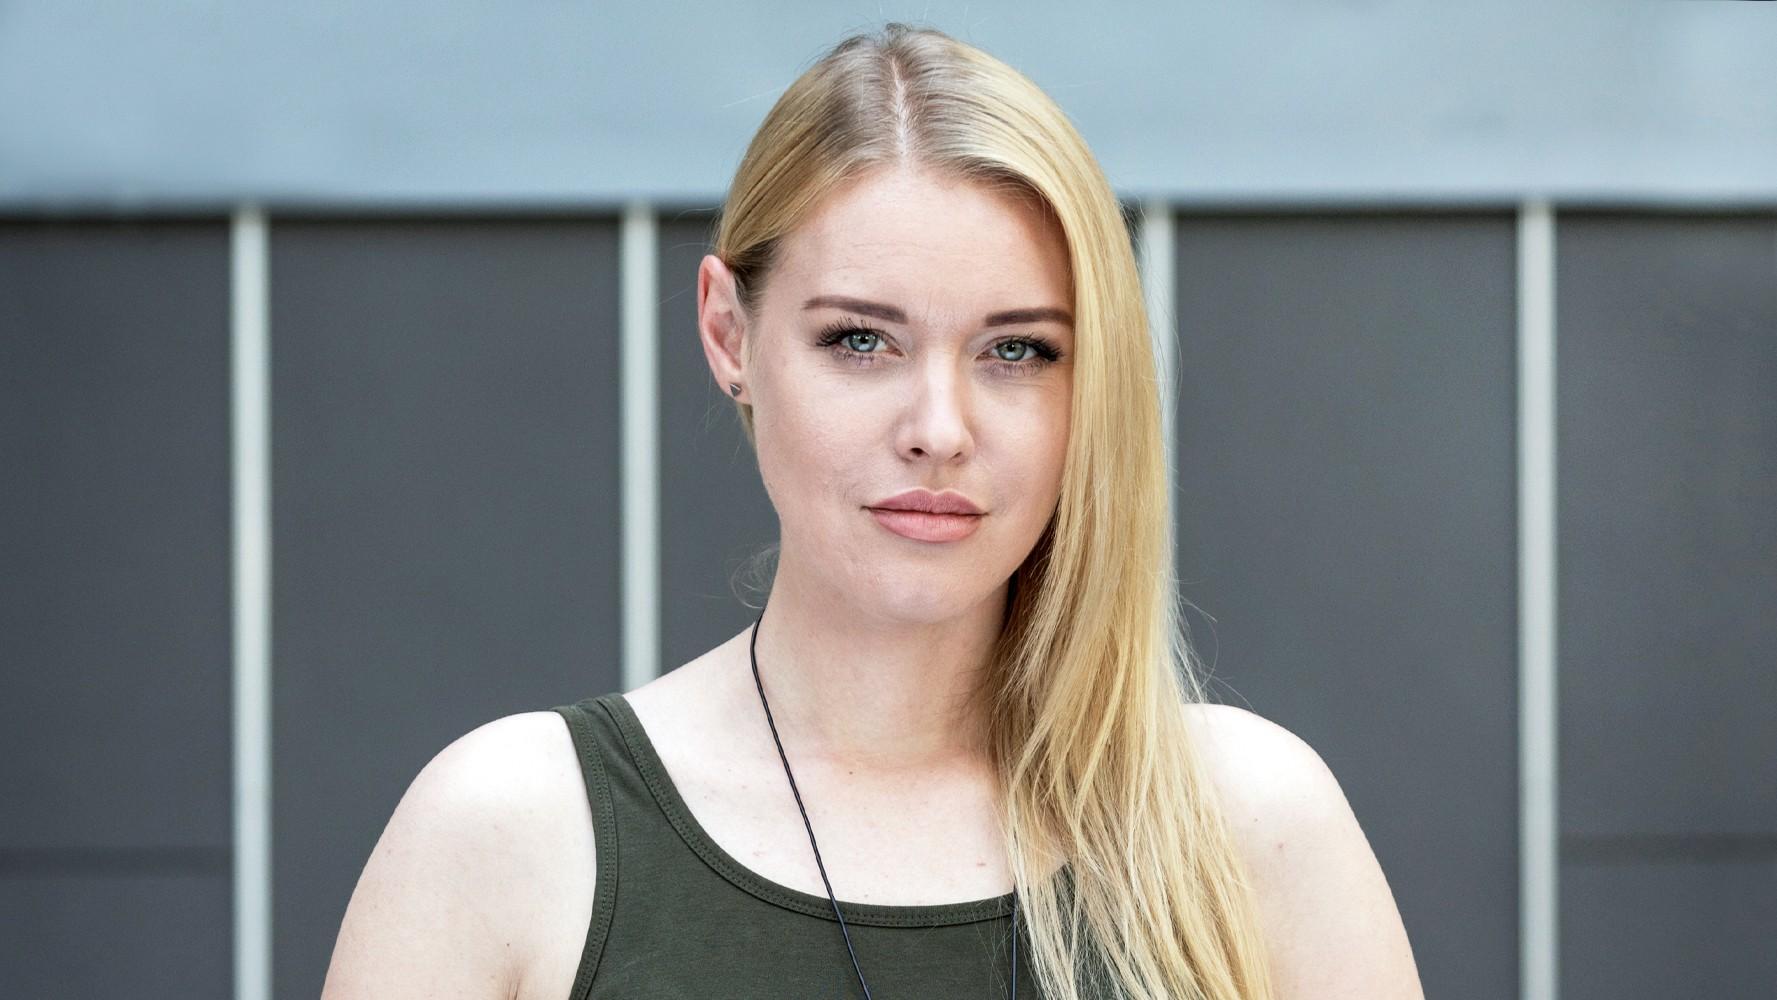 Gliniarze: Ewelina Ruckgaber miała wypadek na planie - Polsat.pl